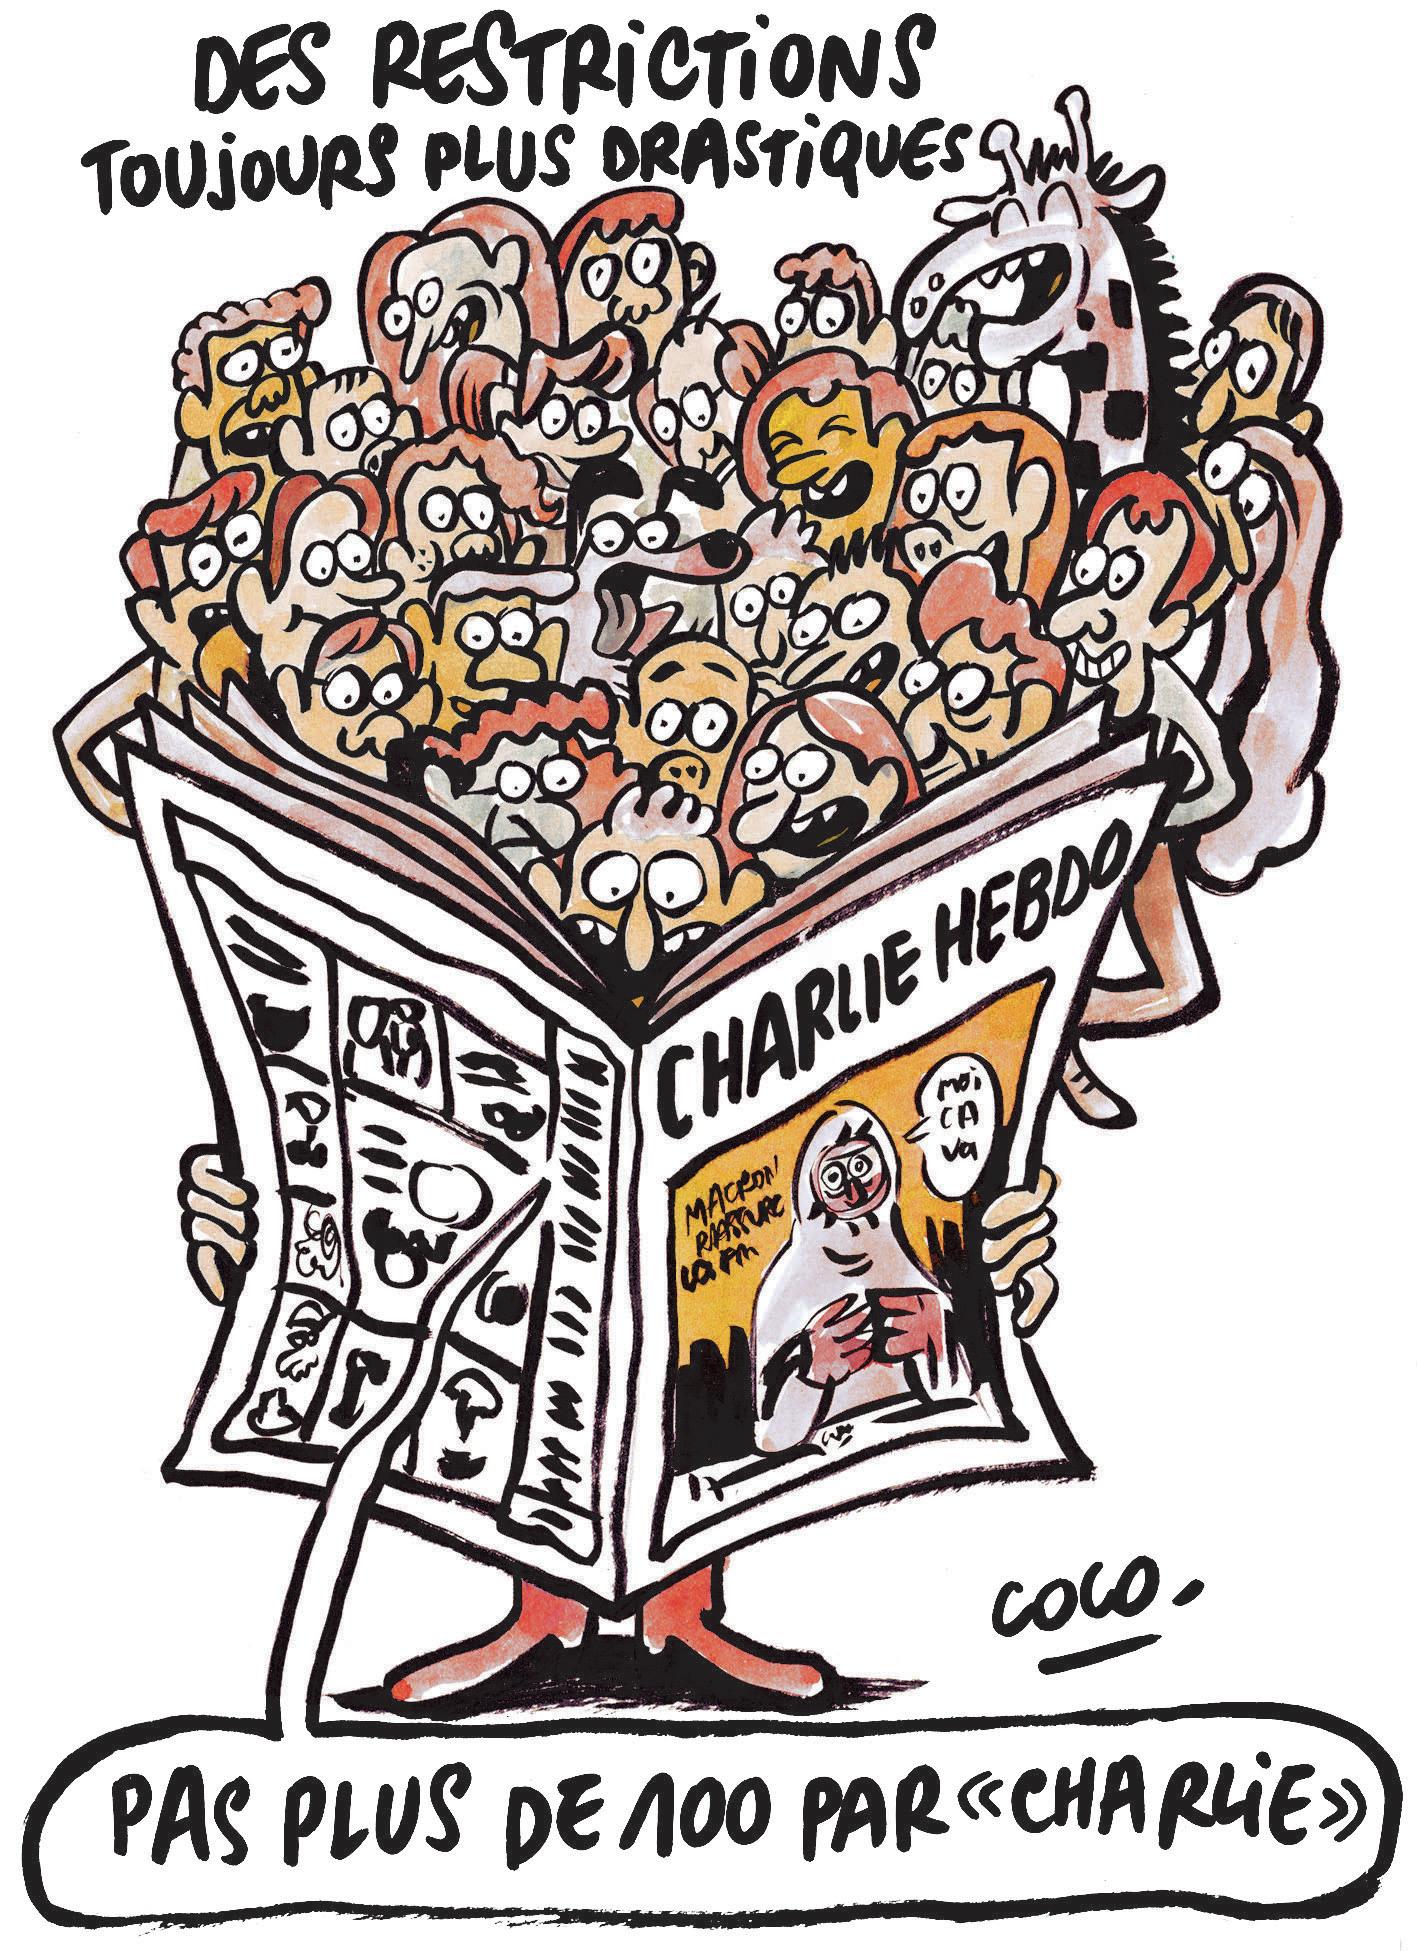 Achat En Ligne Charlie Hebdo : achat, ligne, charlie, hebdo, Ventes, Numéro, Charlie, Hebdo